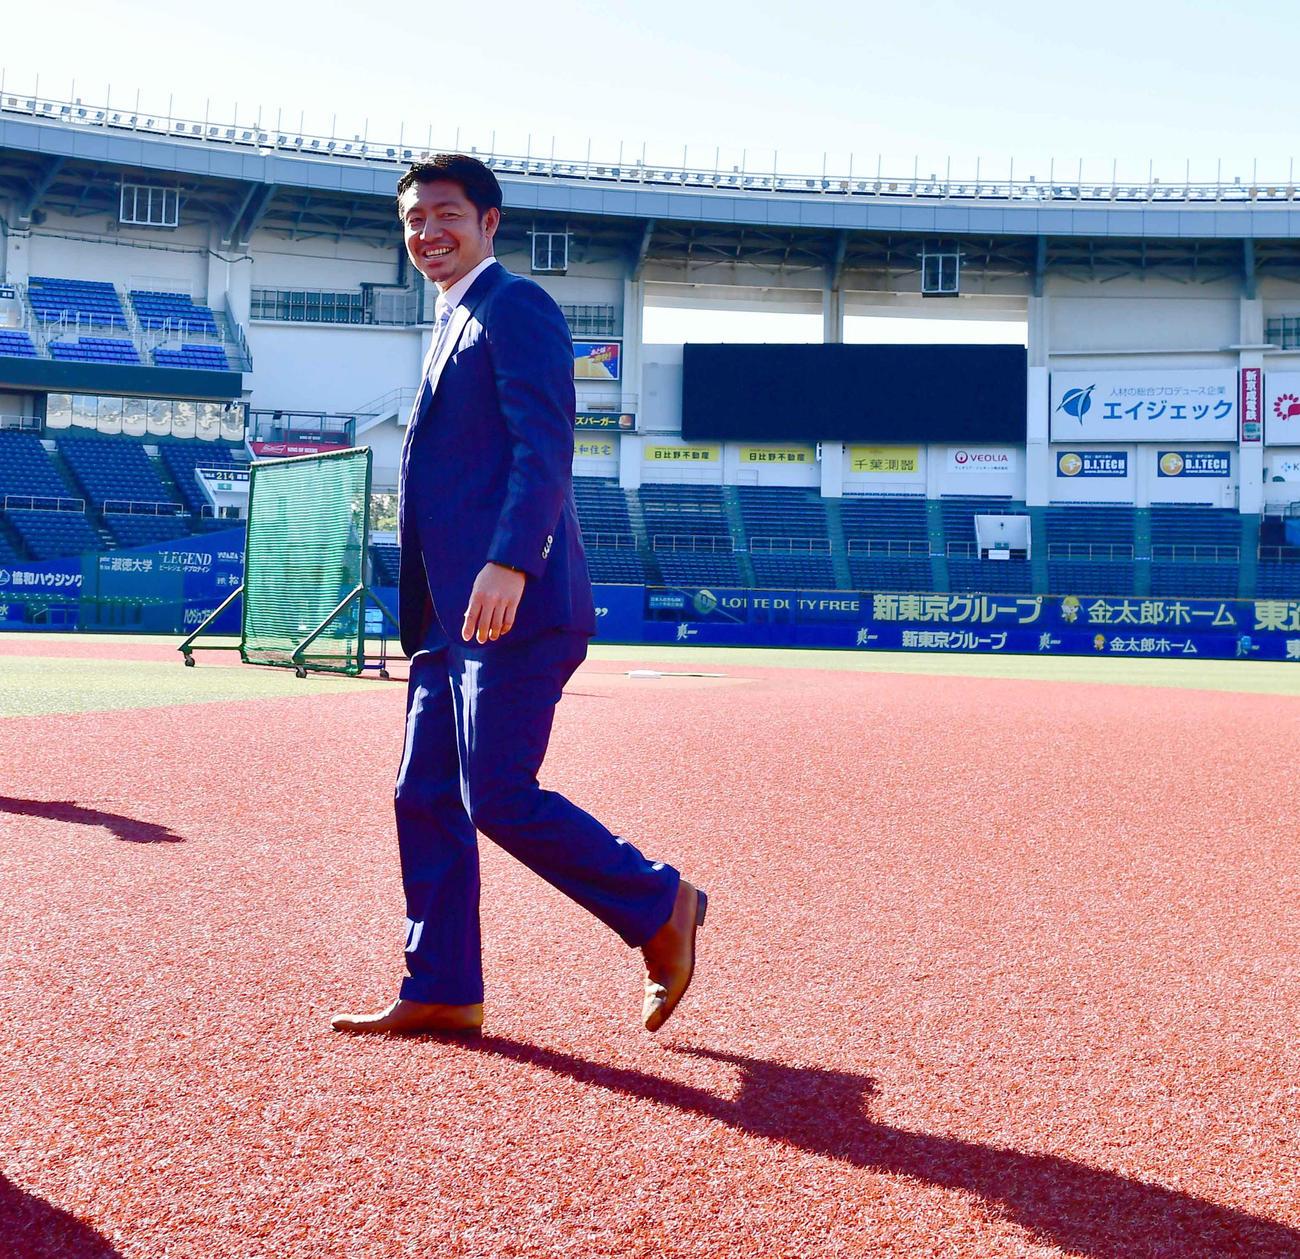 入団会見の前に試合前練習中の投手陣にあいさつするためグラウンド入りしたロッテ鳥谷(撮影・小沢裕)